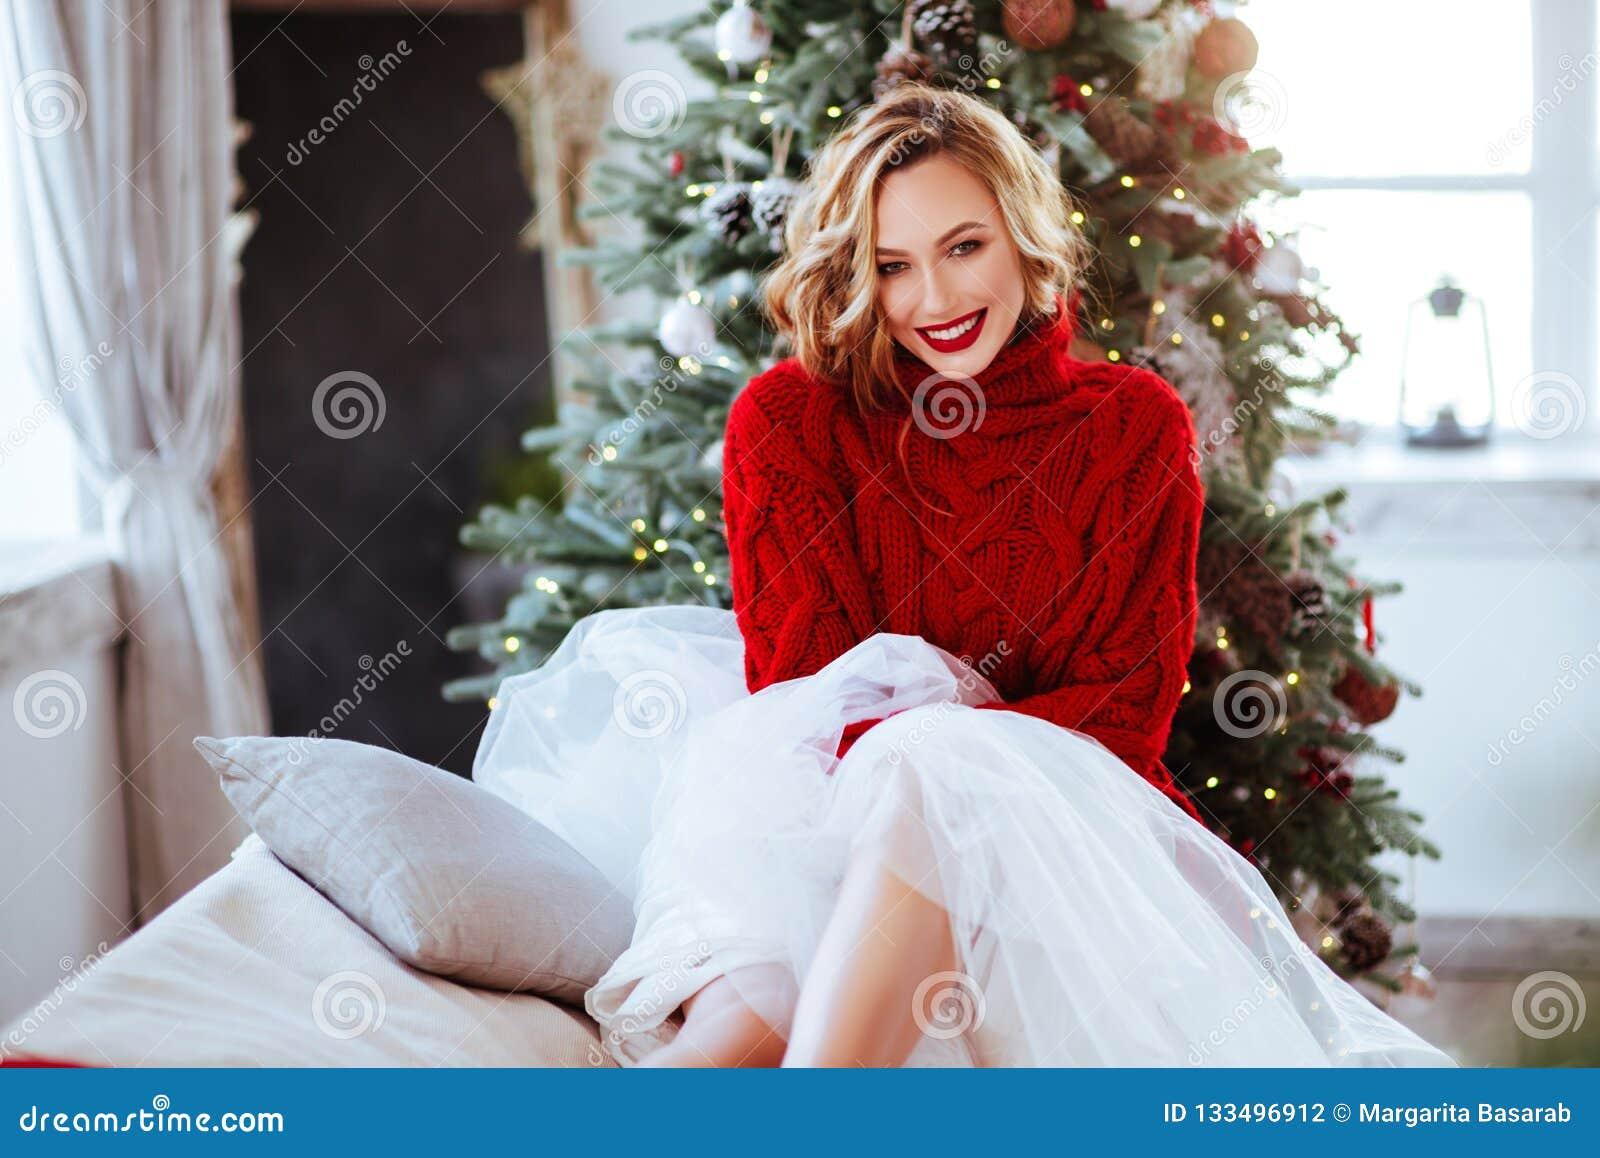 红色毛线衣的微笑的妇女在圣诞树背景